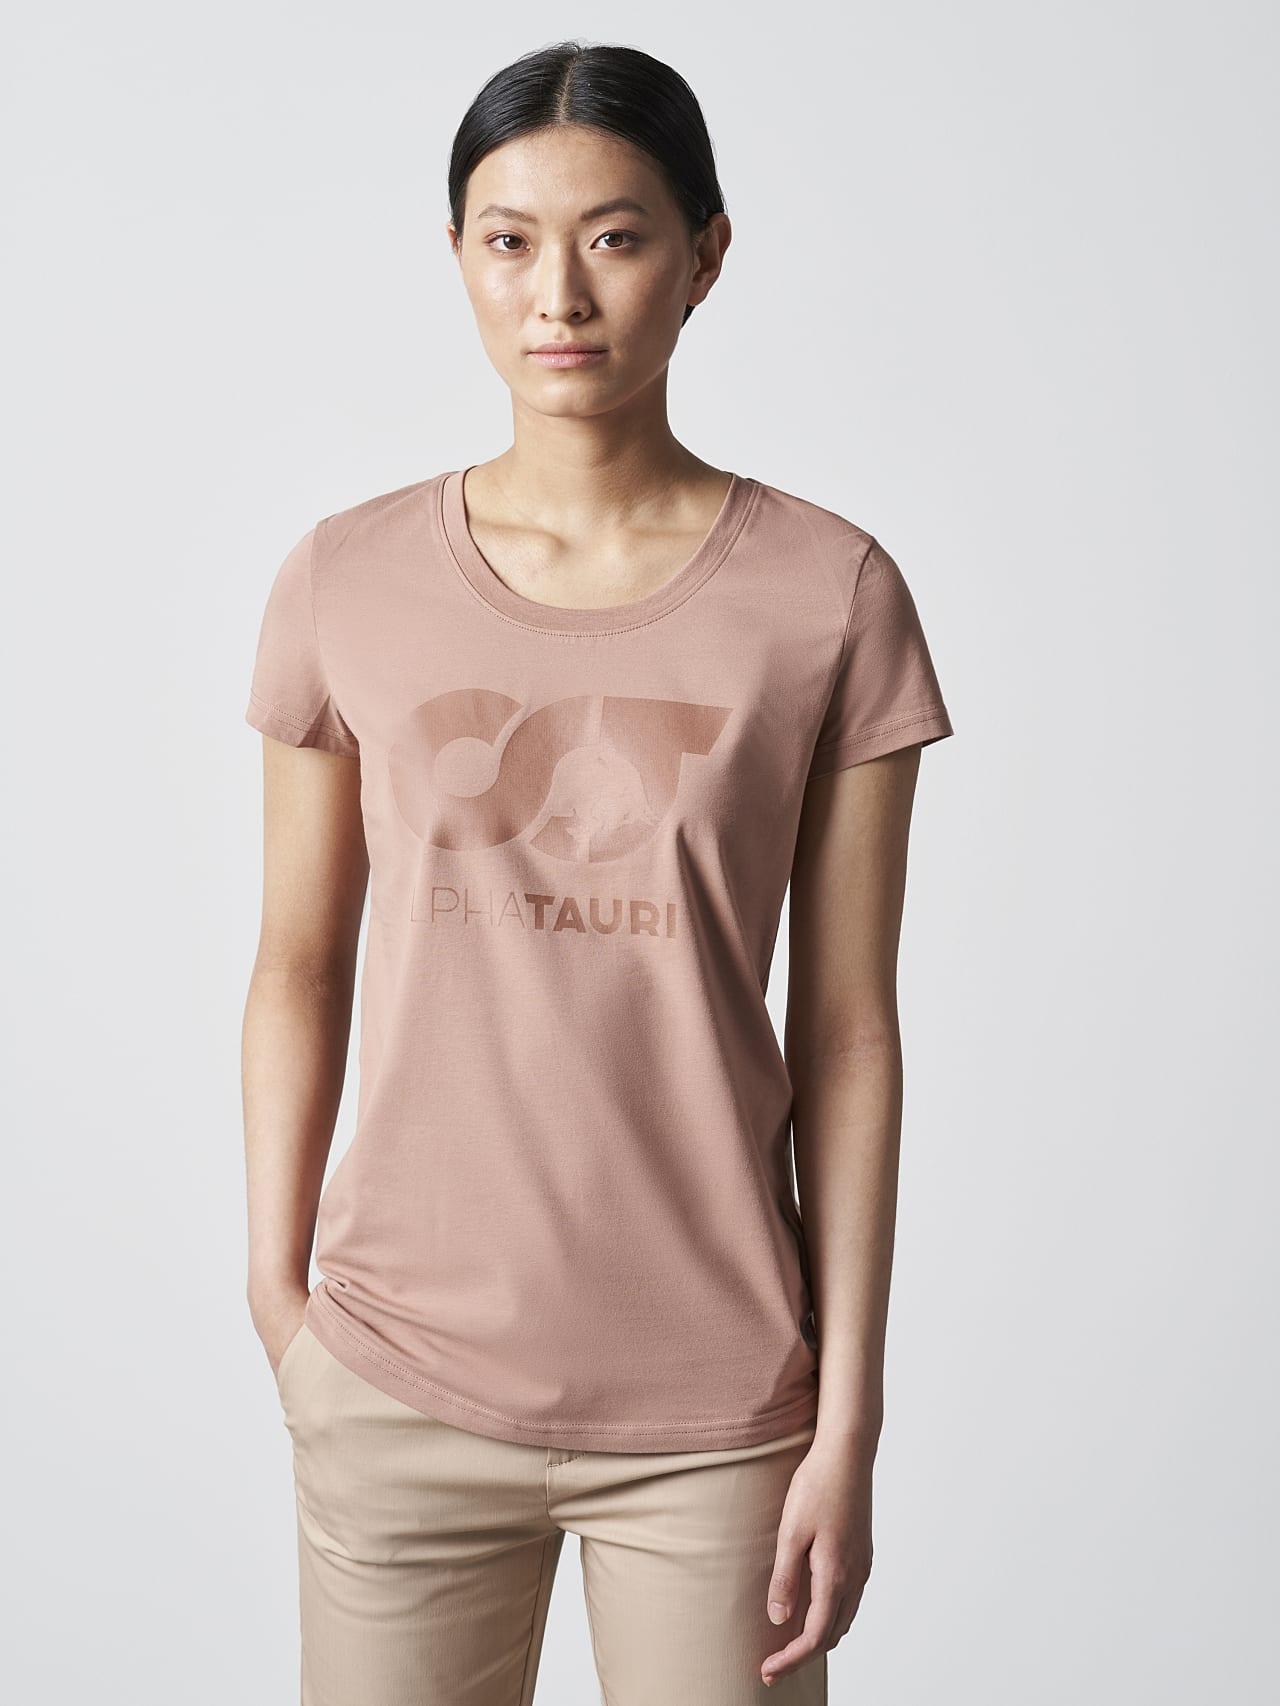 JERU V2.Y4.02 Signature Logo T-Shirt Rosé Model Foto Alpha Tauri